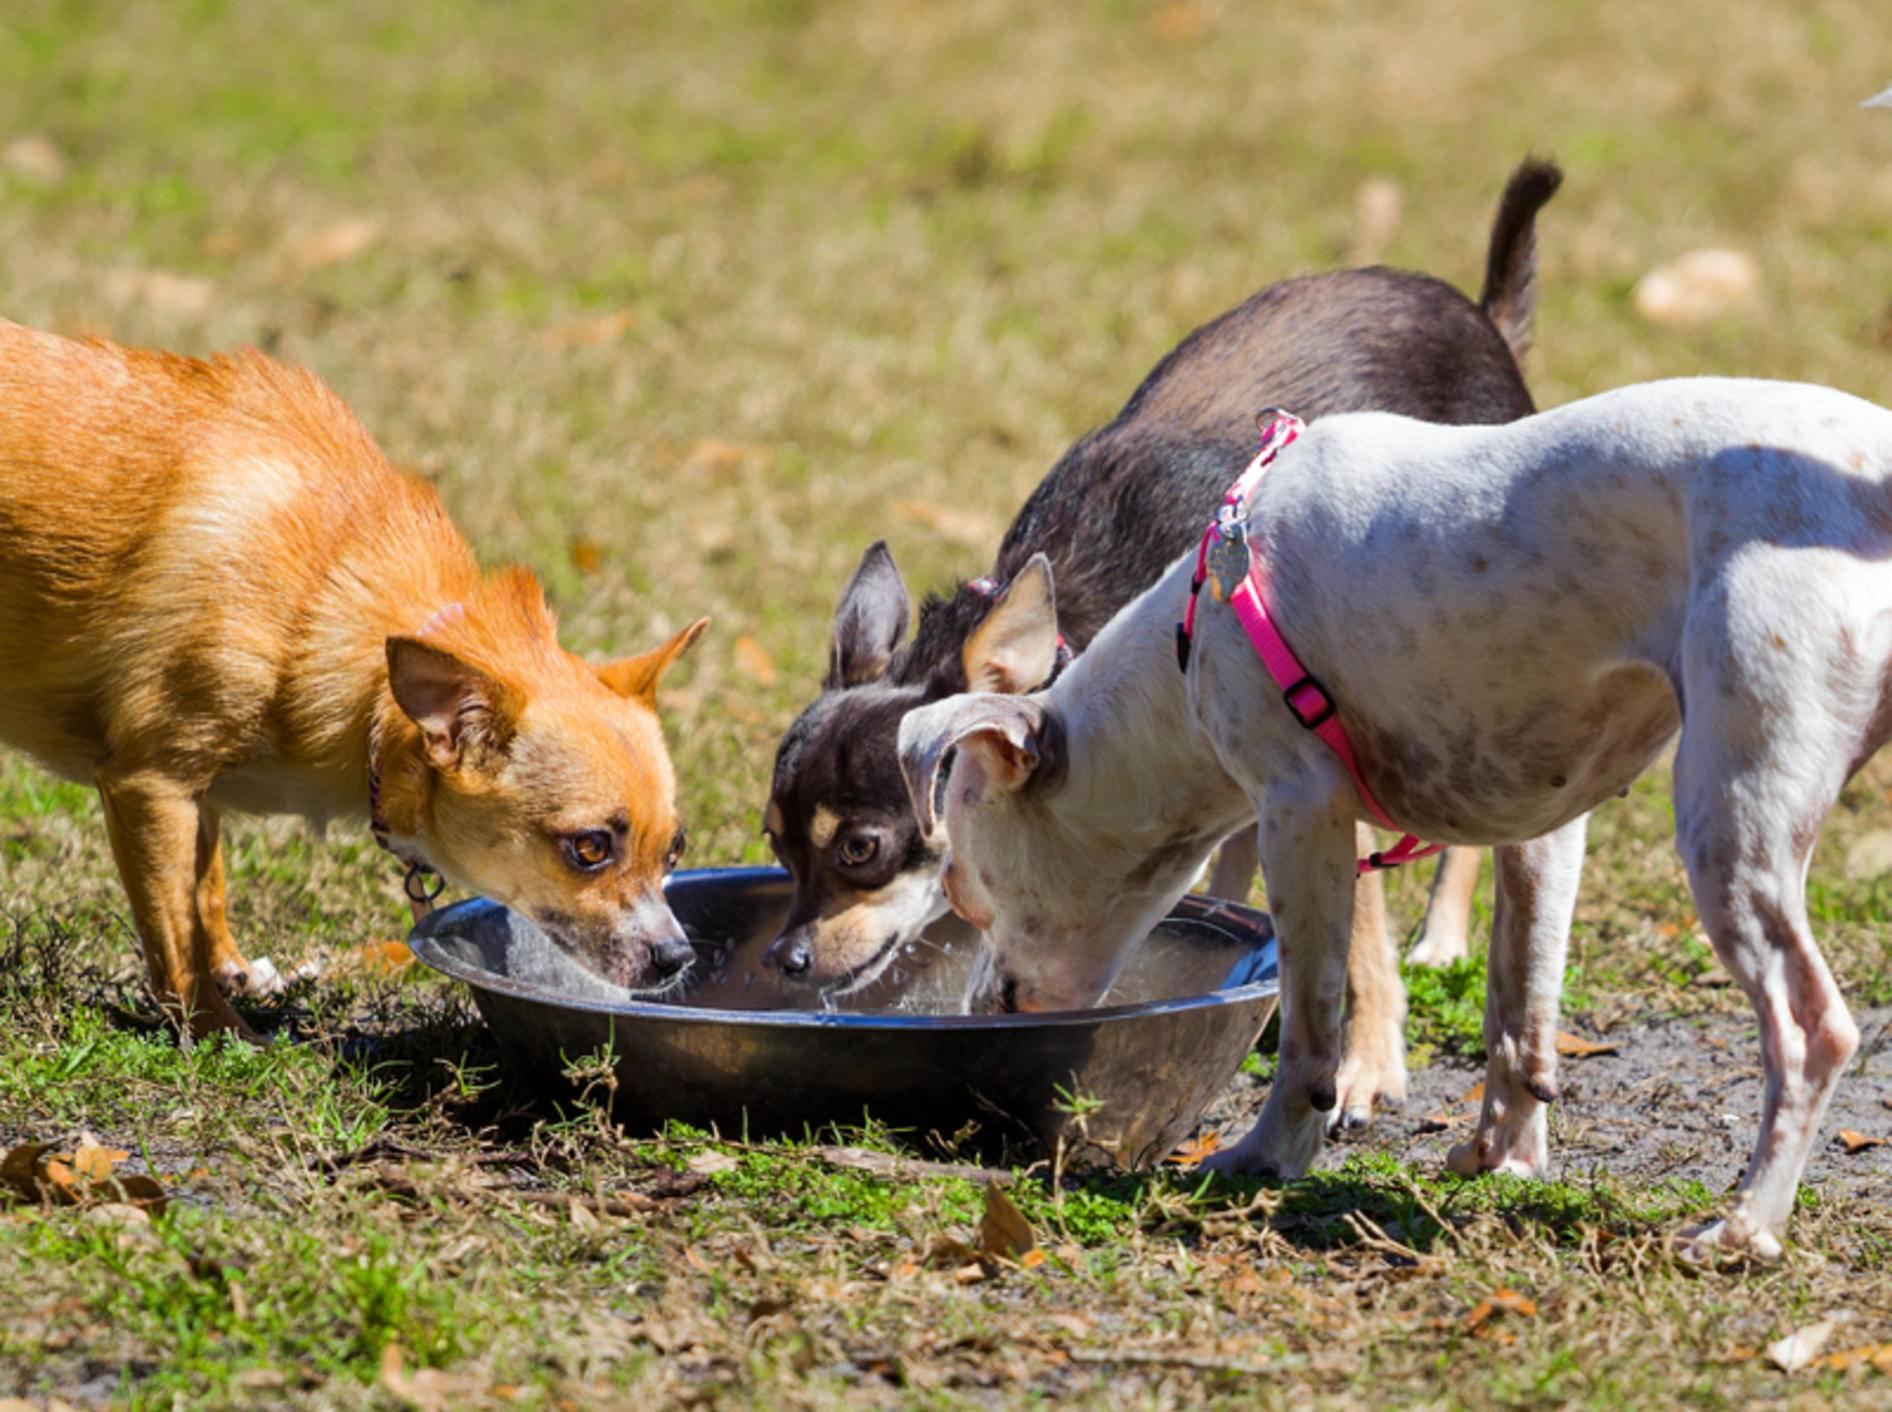 Die anderen Tiere sind wichtig dafür, dass Ihr Hund sich in der Tierpension wohlfühlt – Bild: Shutterstock / Drew Horne